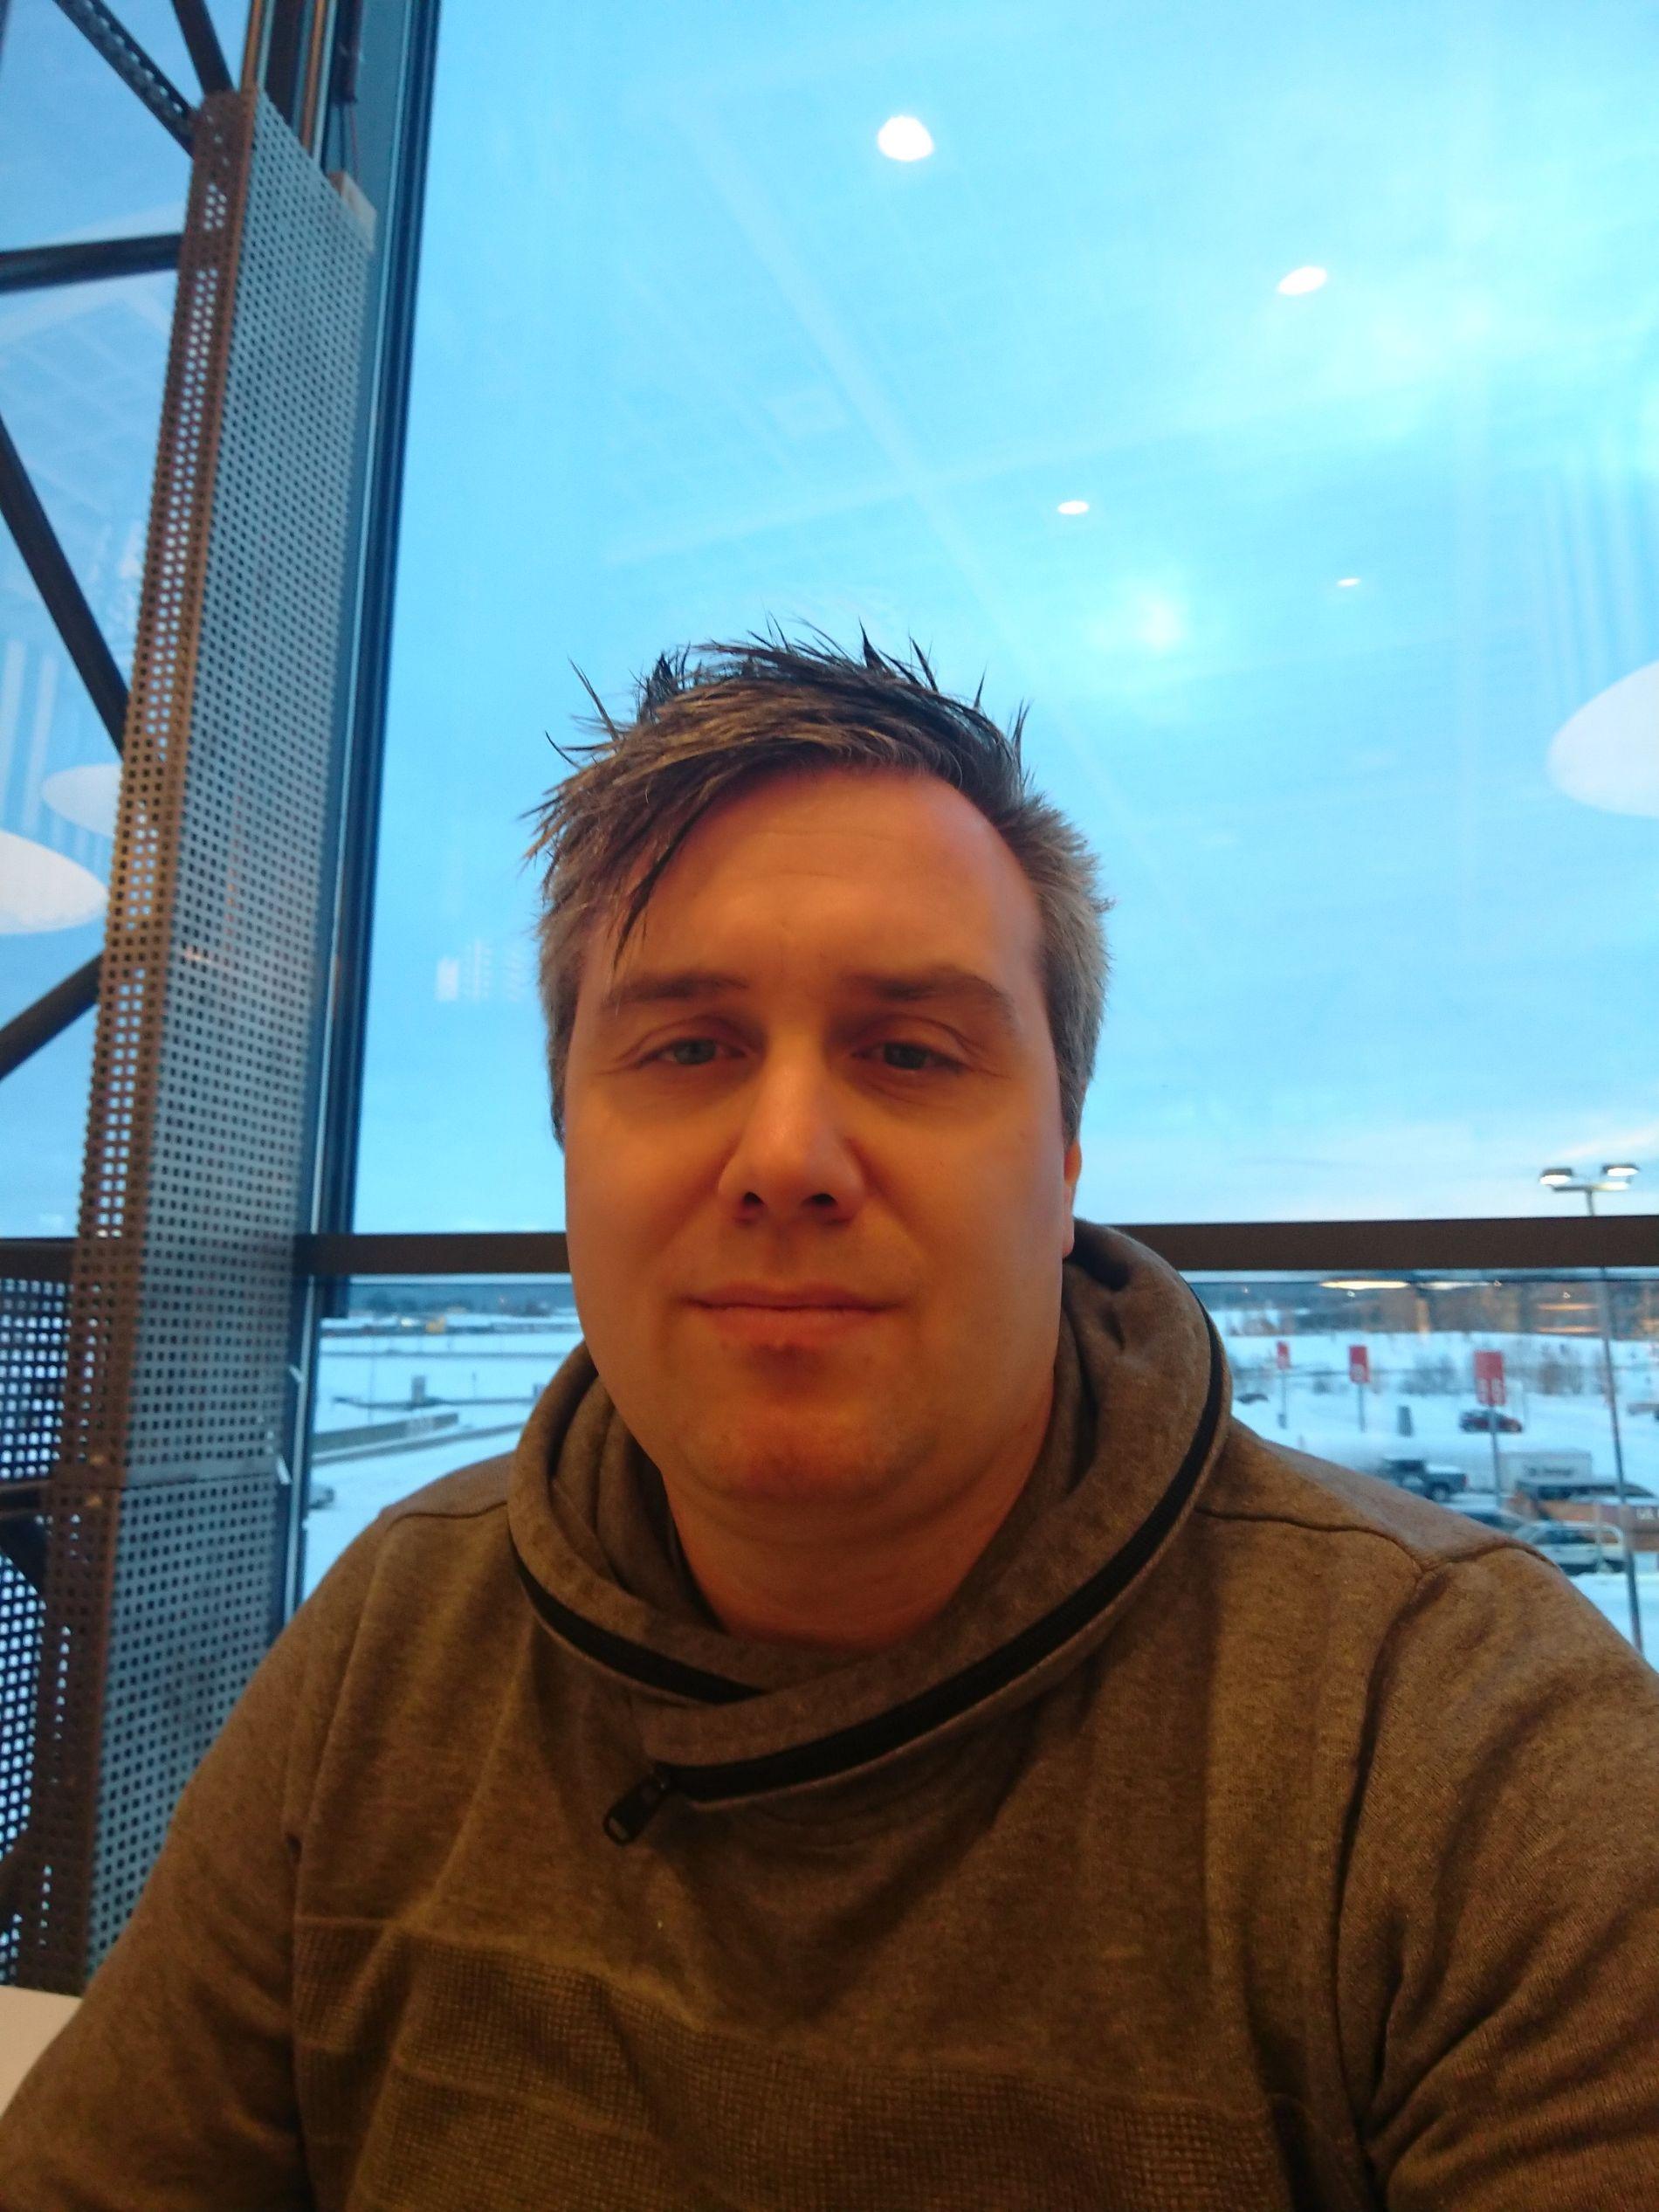 Bjørnar Guldseth fra Trondheim reagerte på Eurosports feil på sendeskjema søndag.